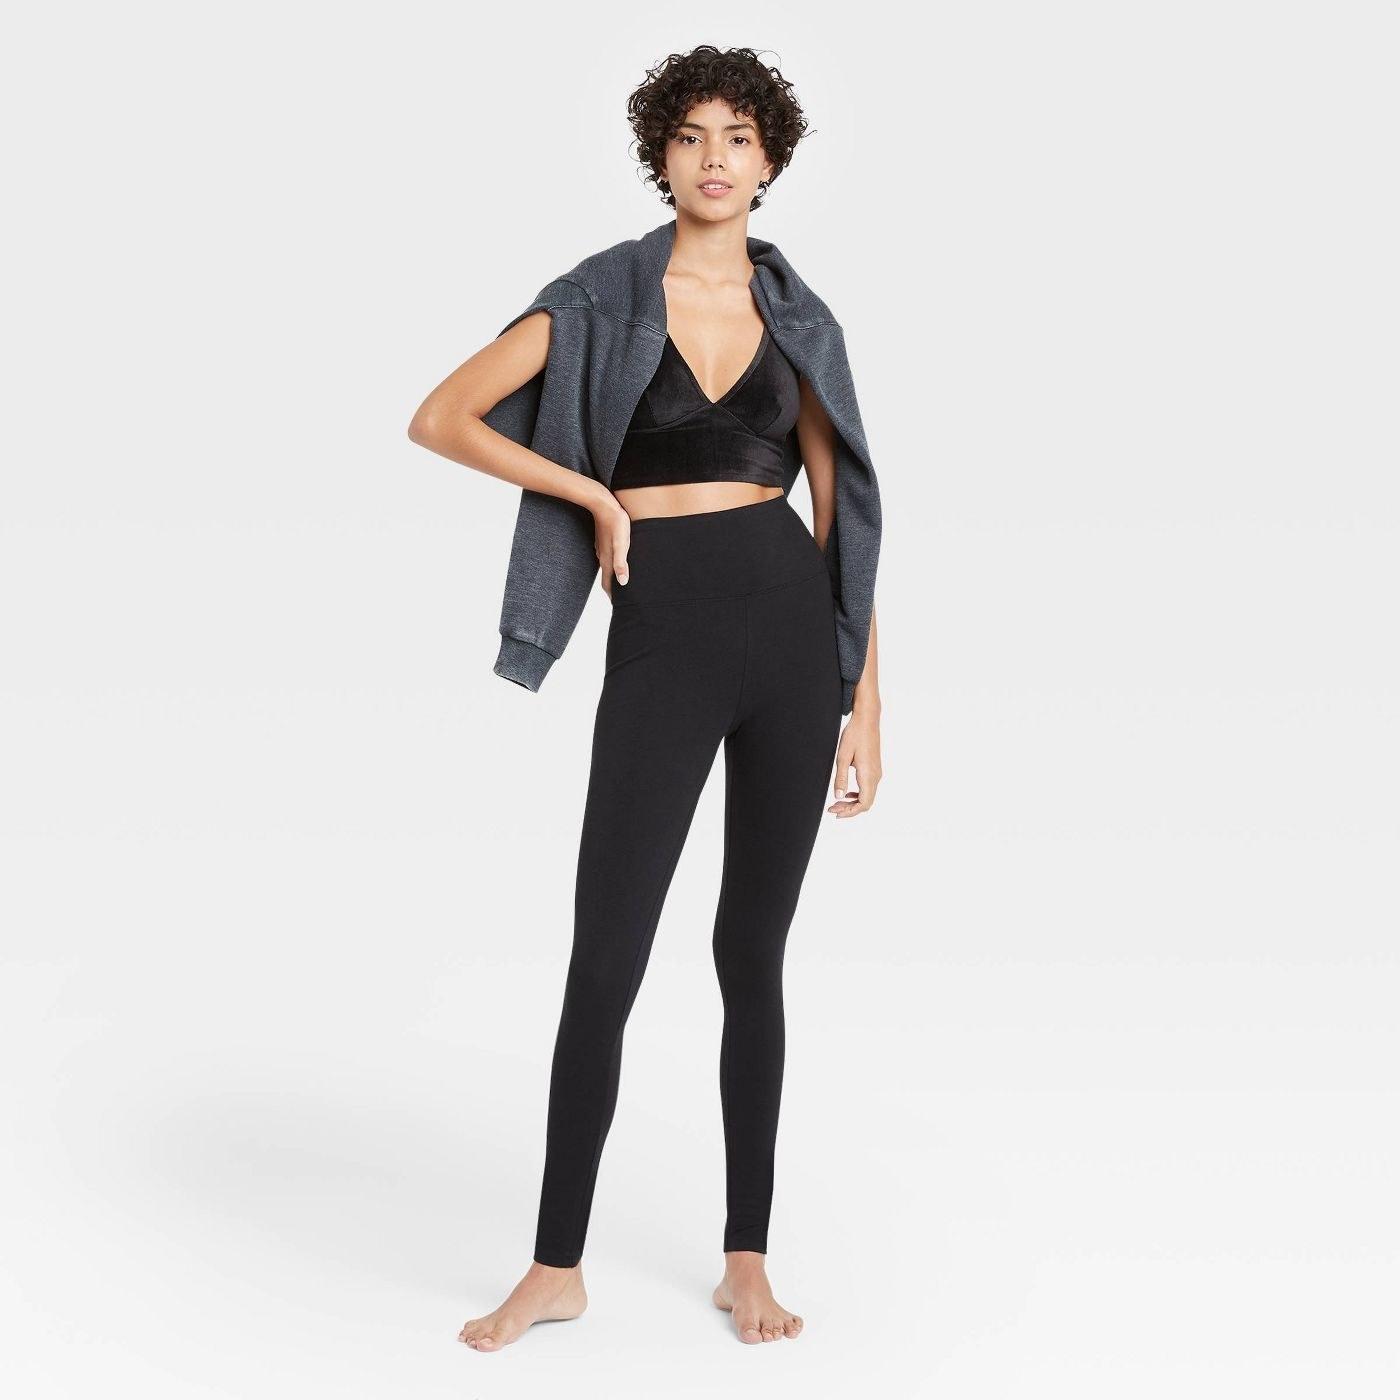 model in the black leggings